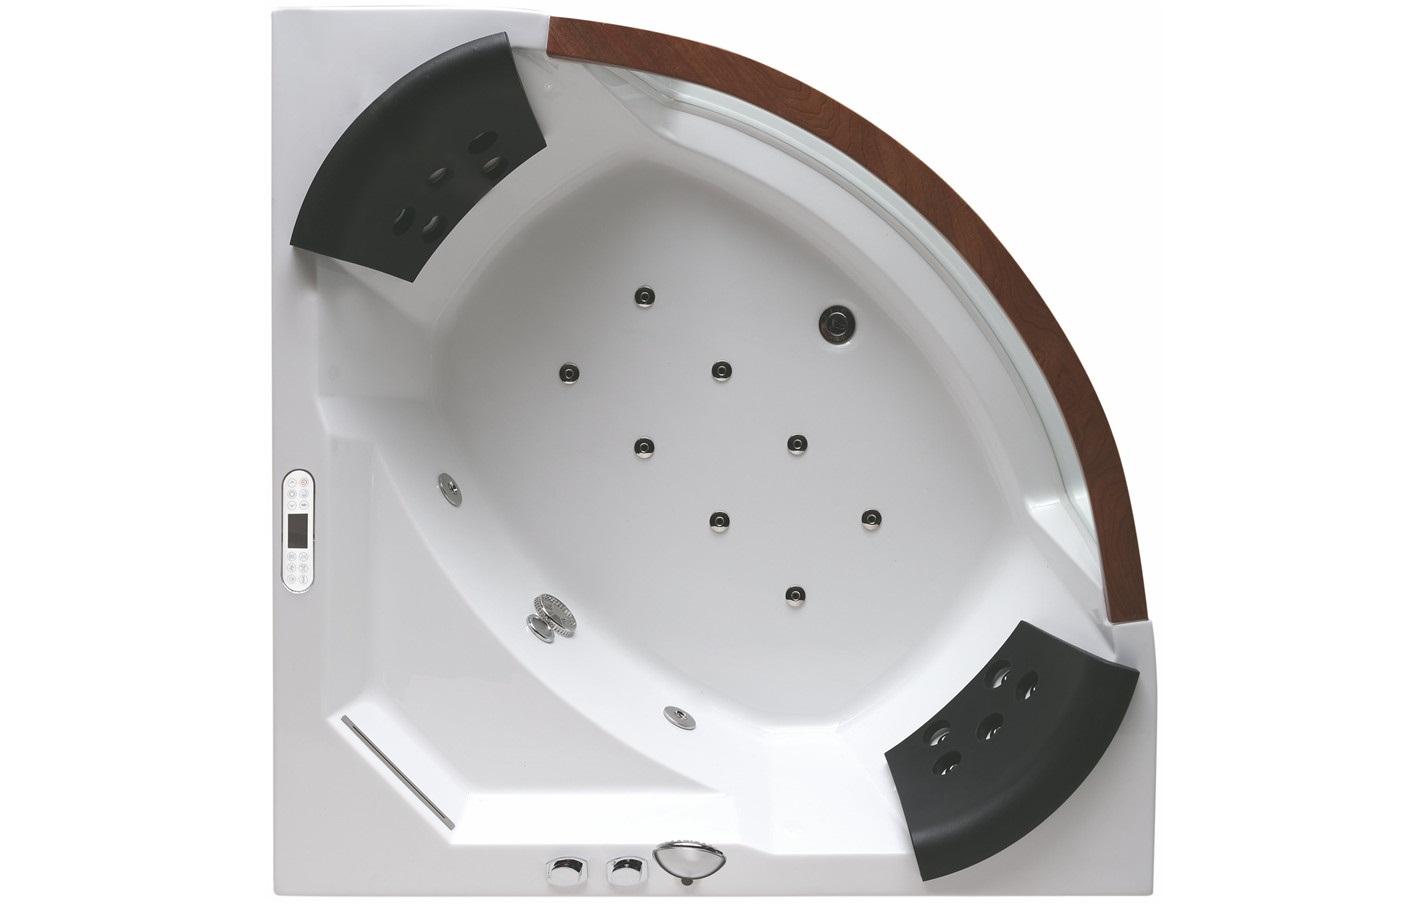 怎么选择好用的浴缸